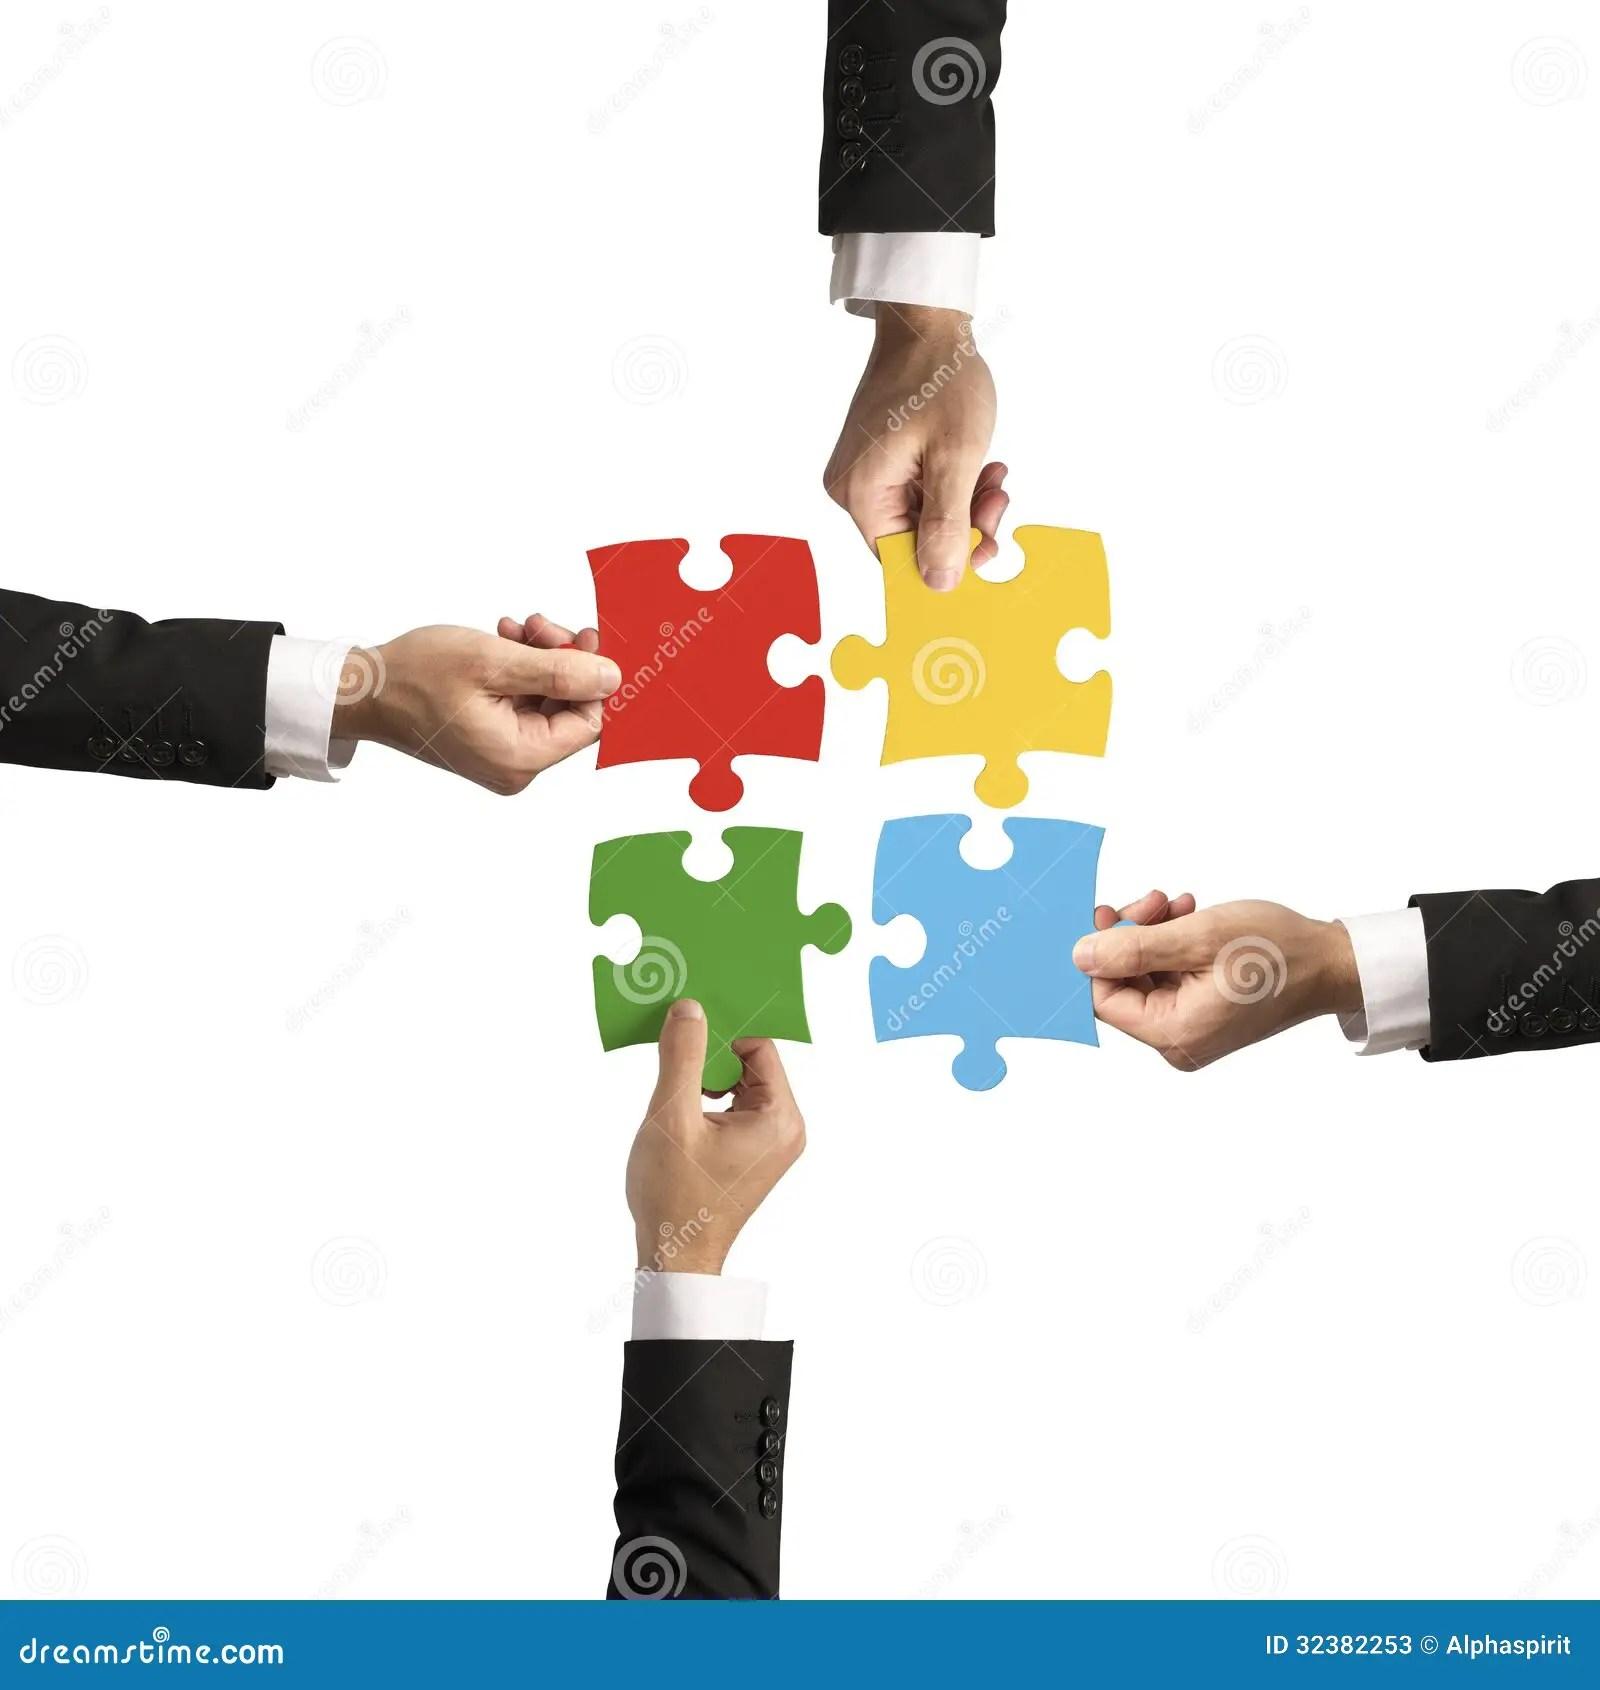 Teamwork And Partnership Concept Stock Photos  Image 32382253